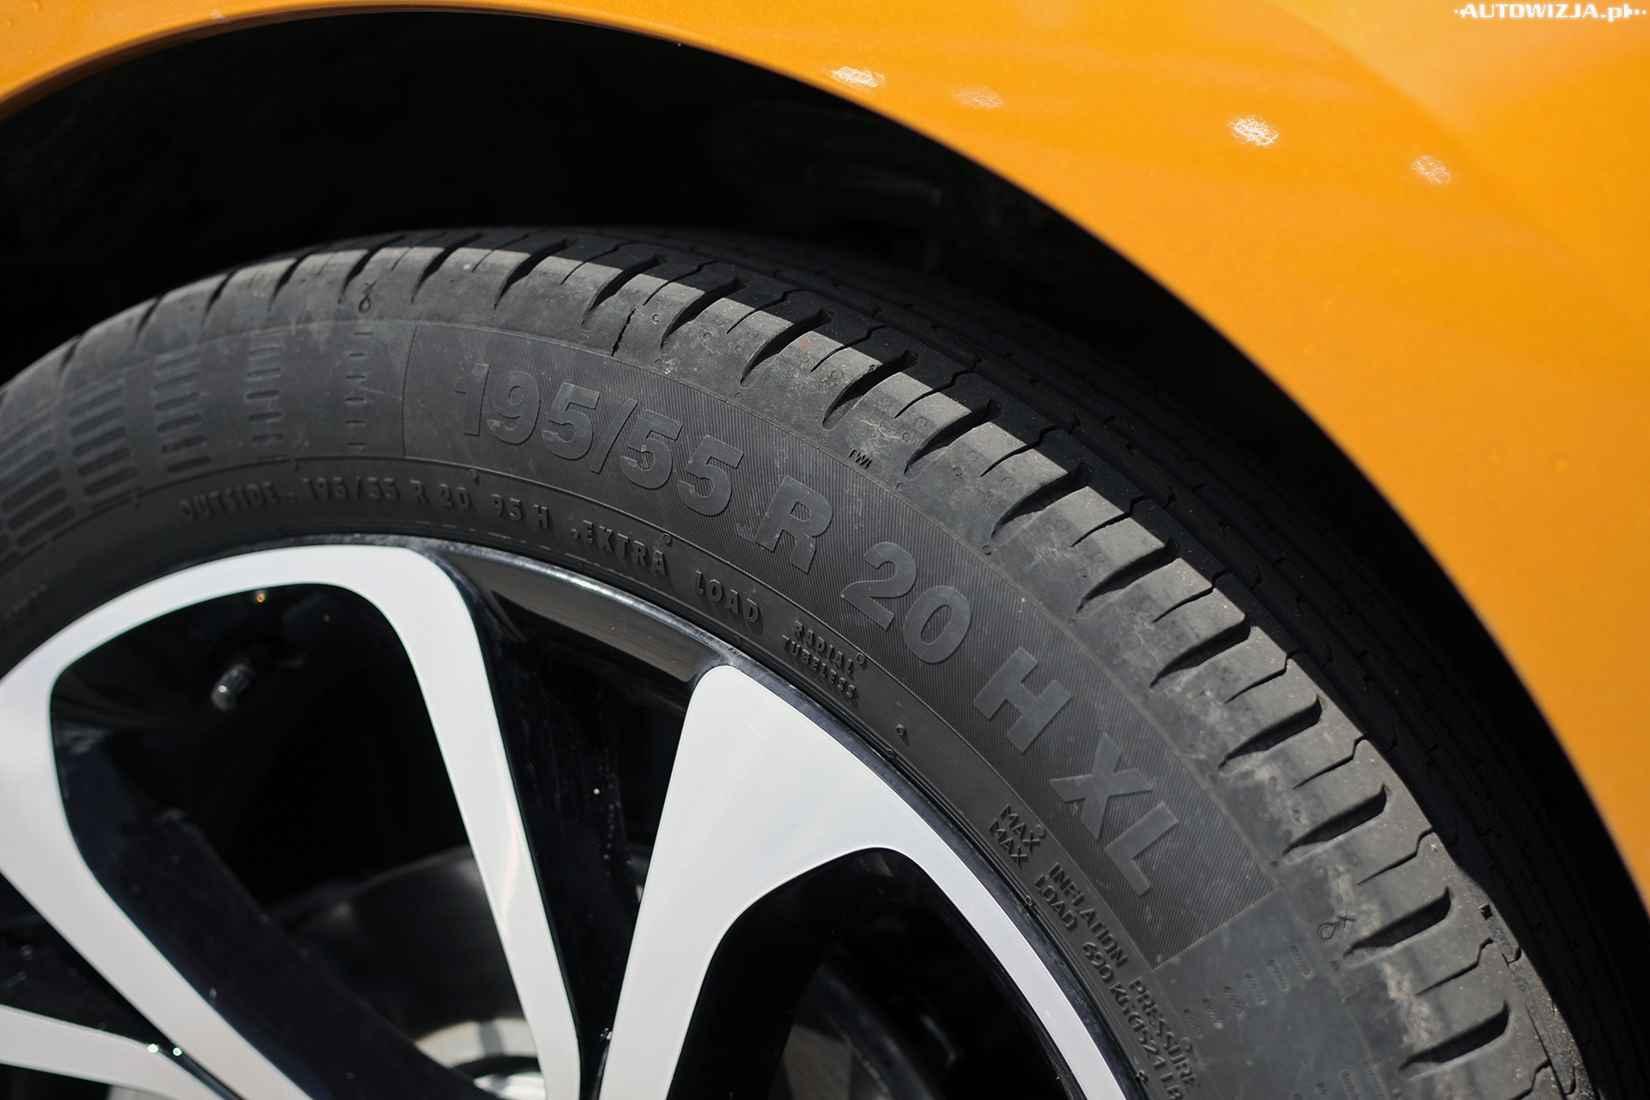 Renault Scenic Tce 130 Test Autowizjapl Motoryzacja